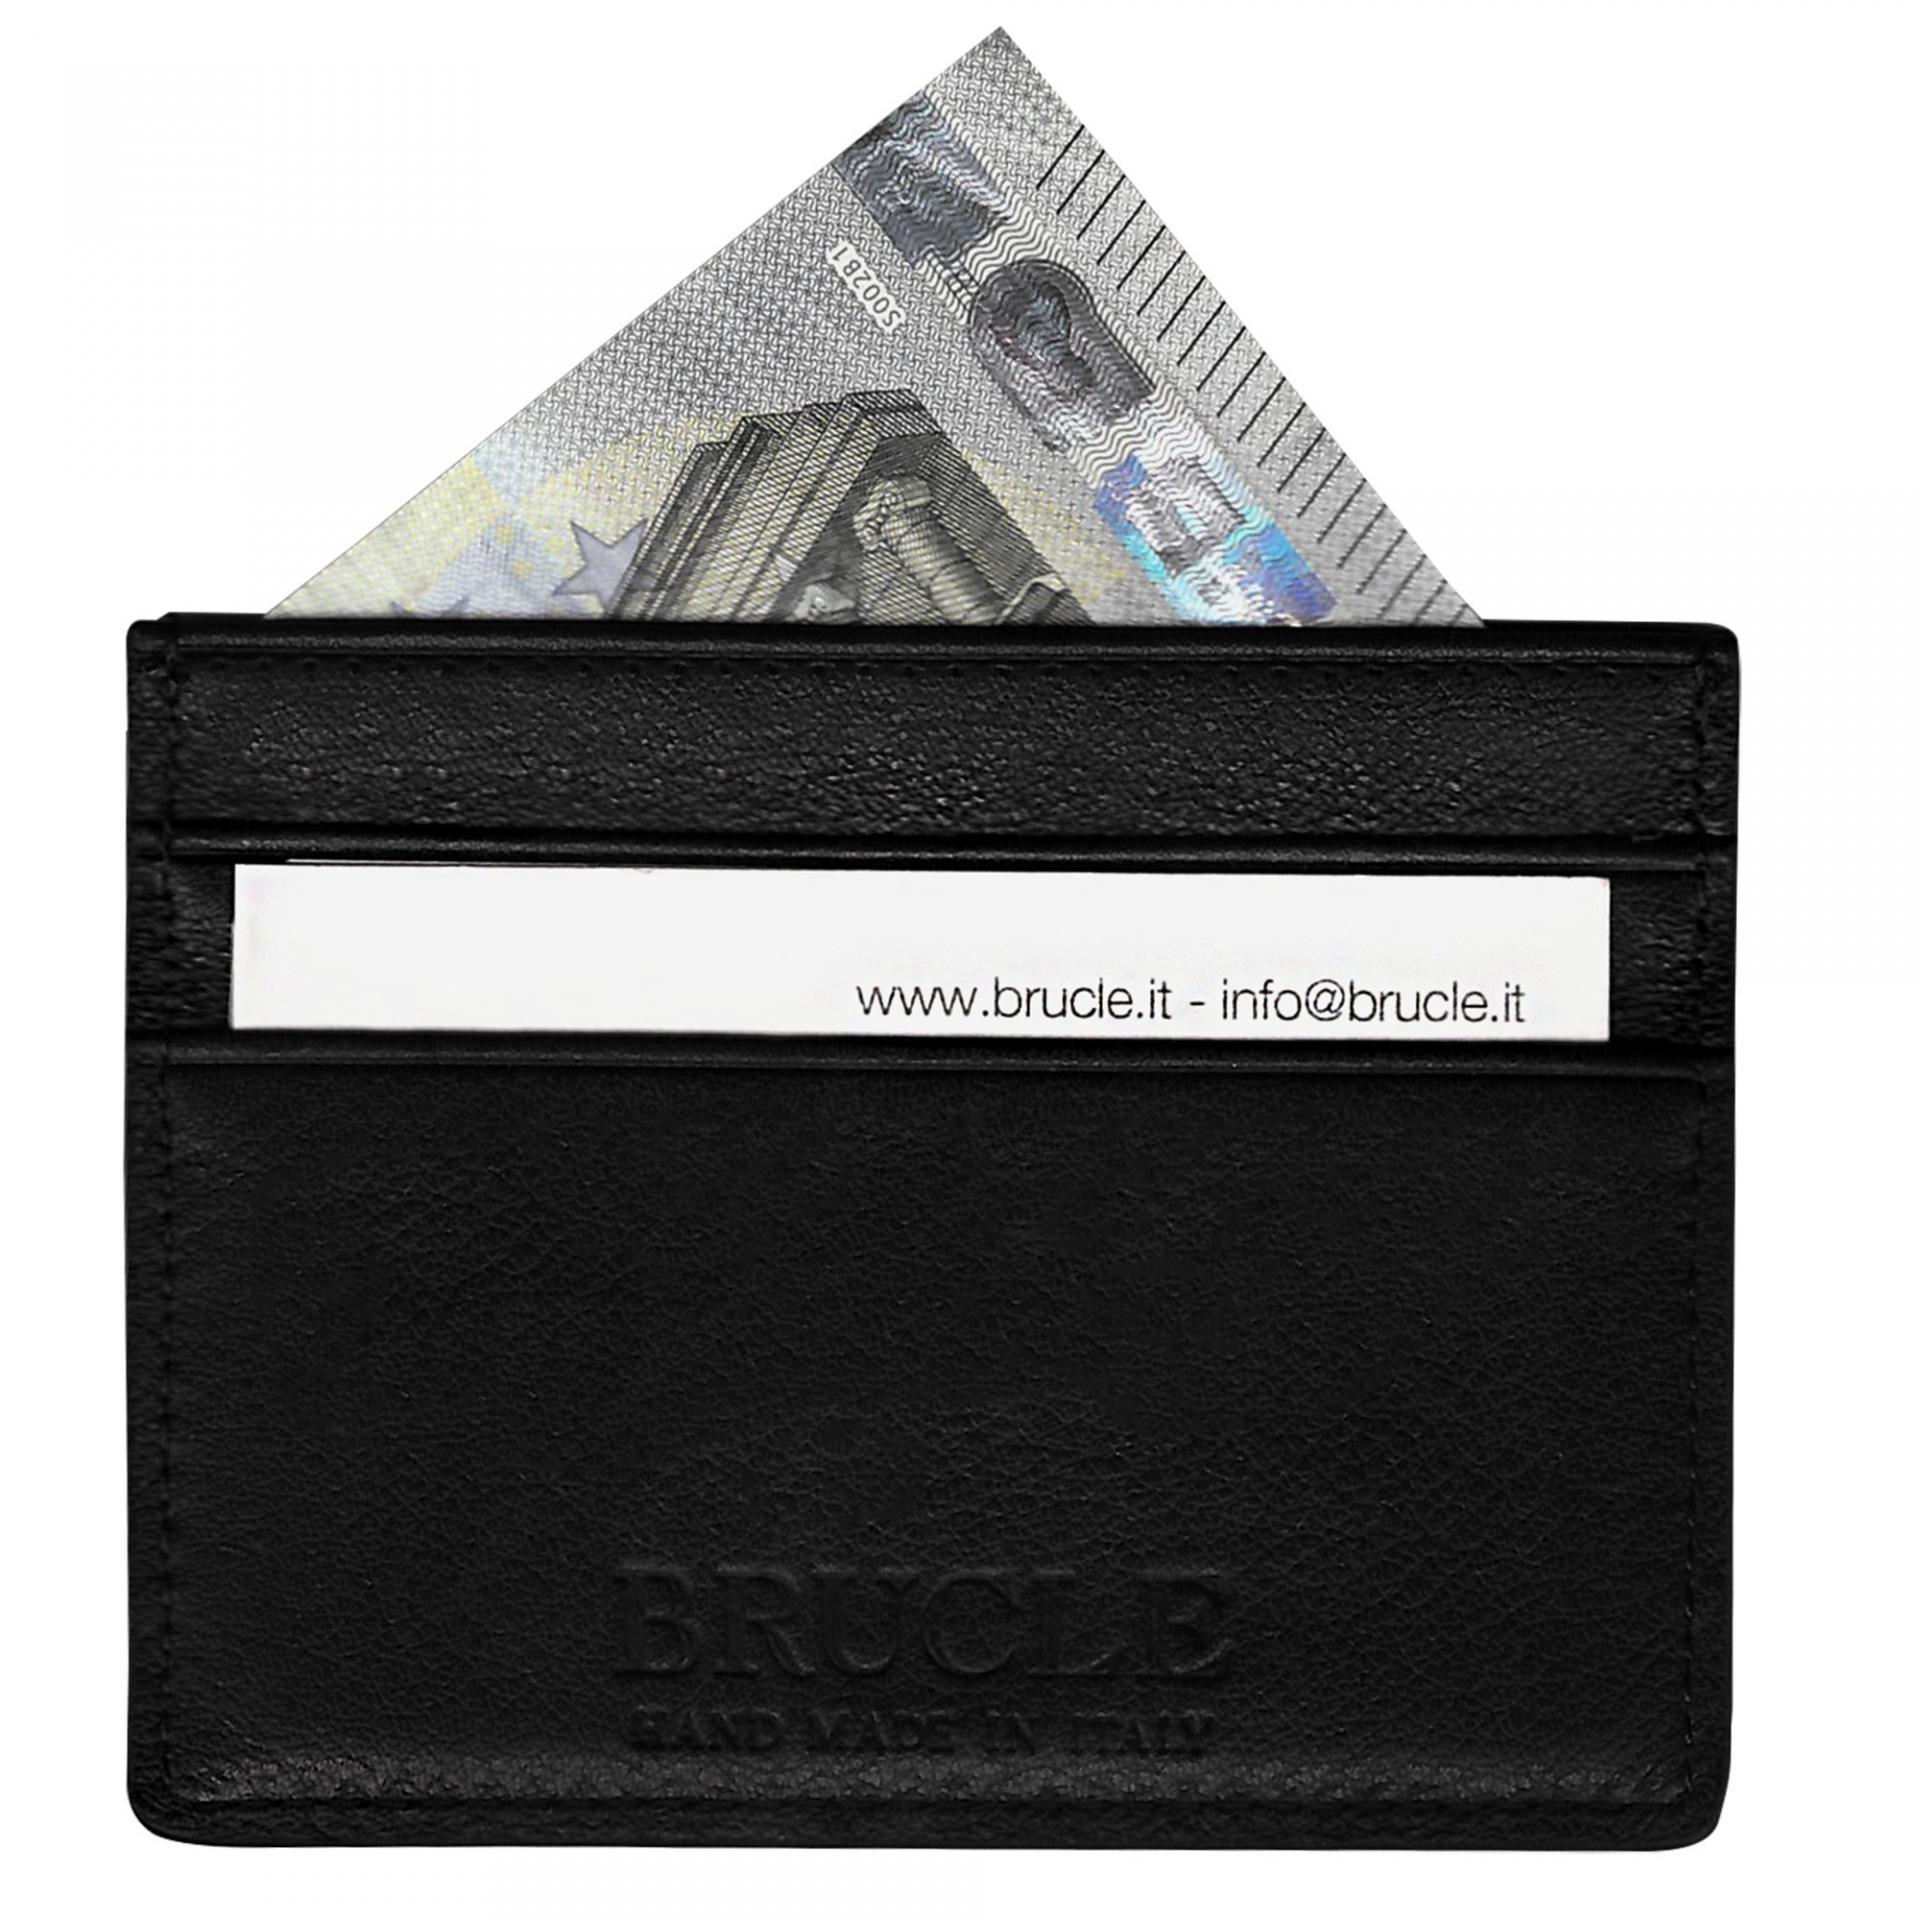 Brucle credit card holder